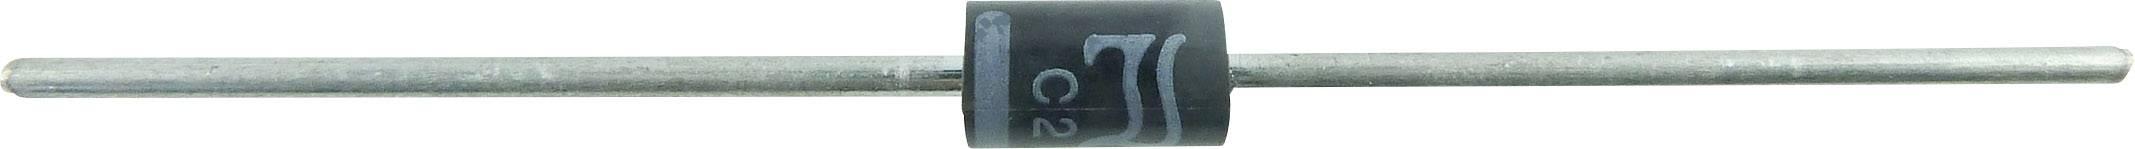 Kremíková usmerňovacia dióda Diotec 1N5404 1N5404 DO-201, 3 A, 400 V